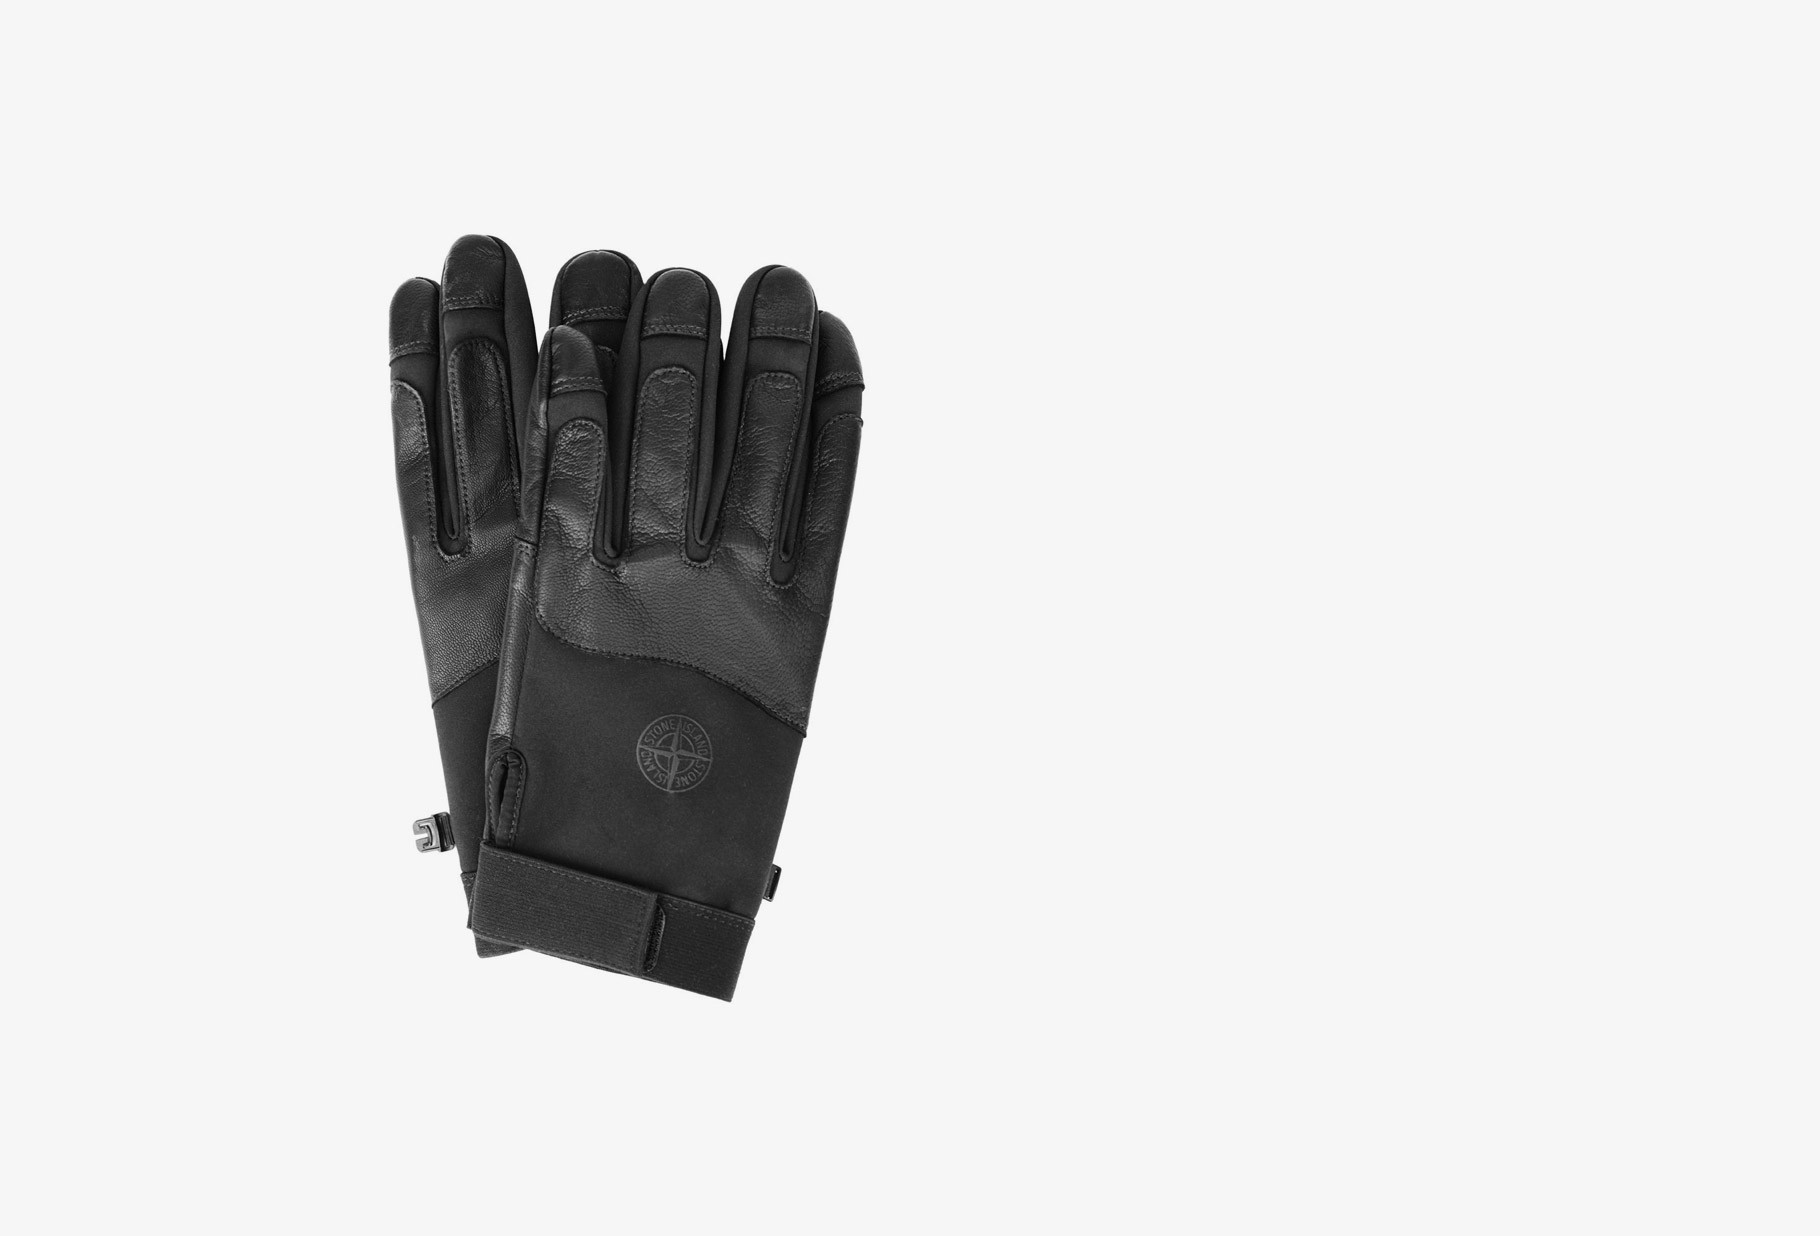 STONE ISLAND / 92174 gloves soft shell r V0029 nero